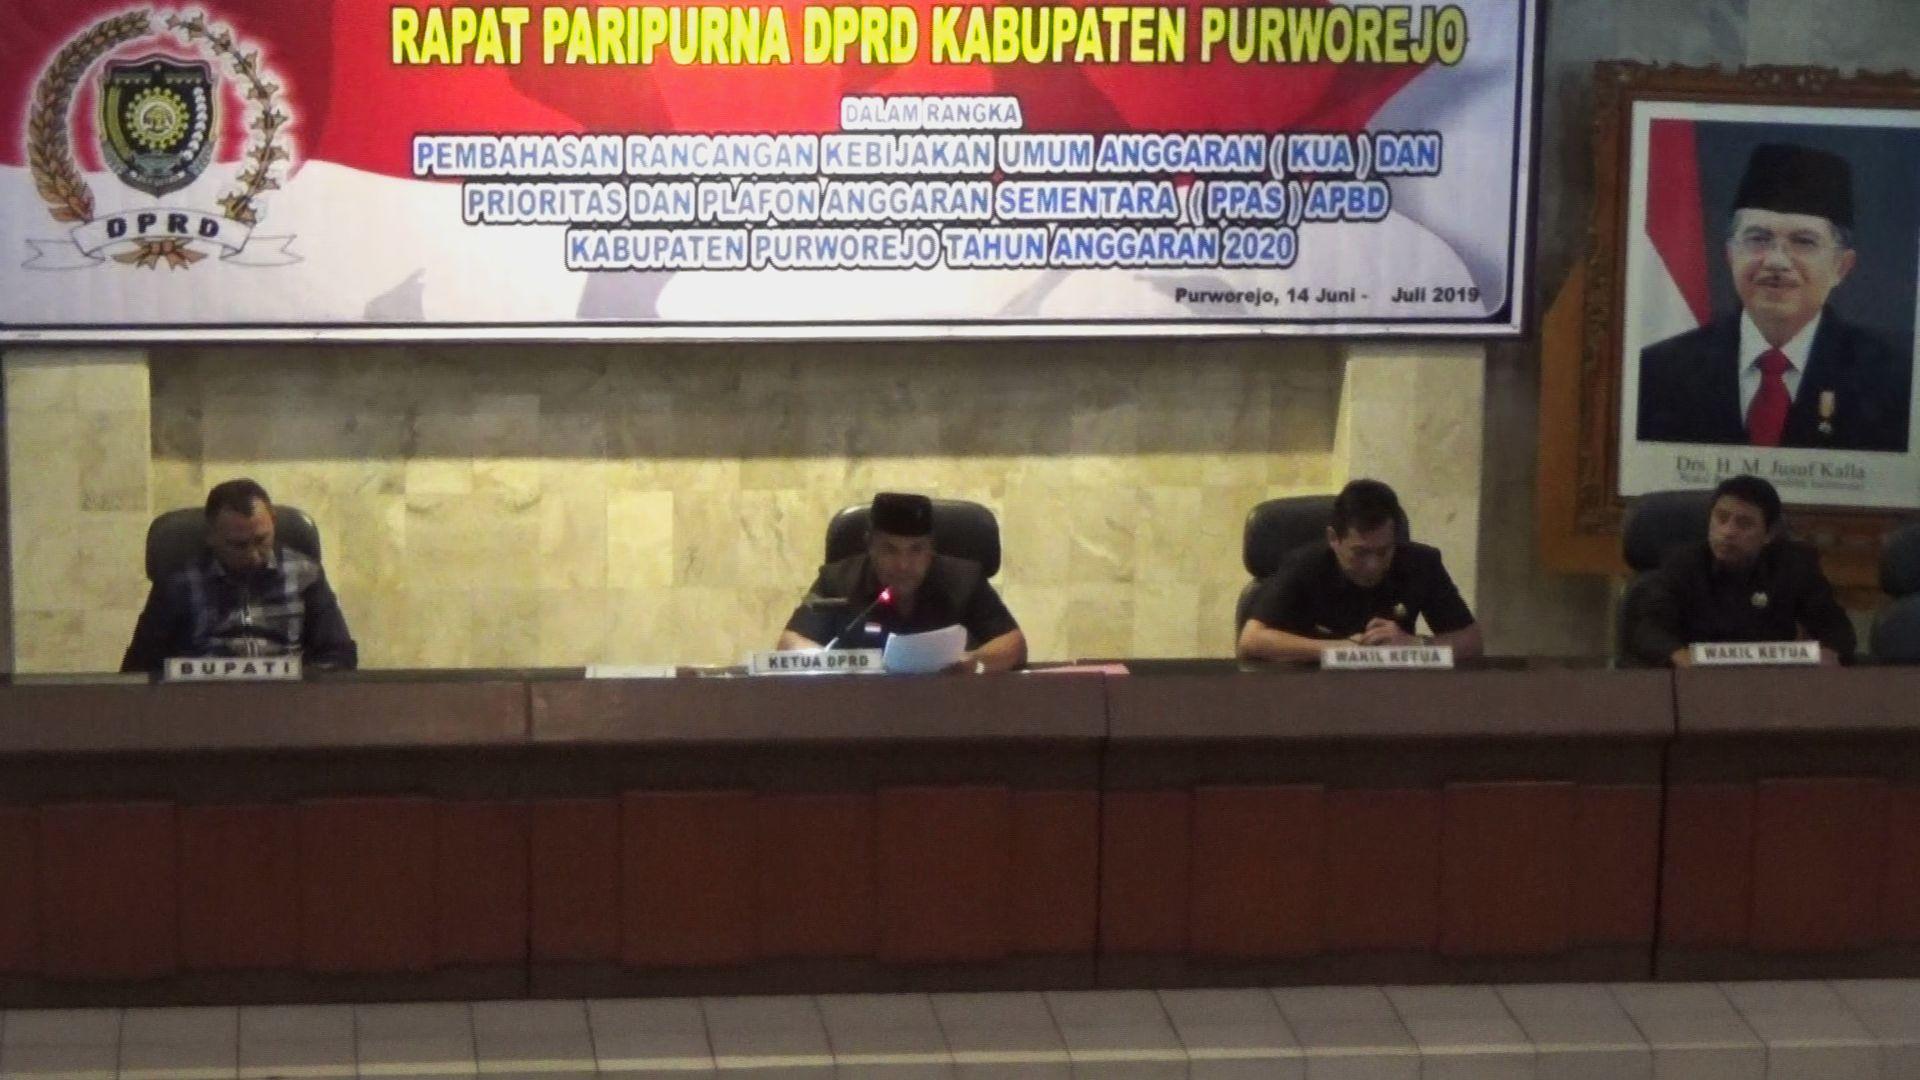 Sidang Paripurna DPRD Purworejo pada hari Senin, 8/7/2019